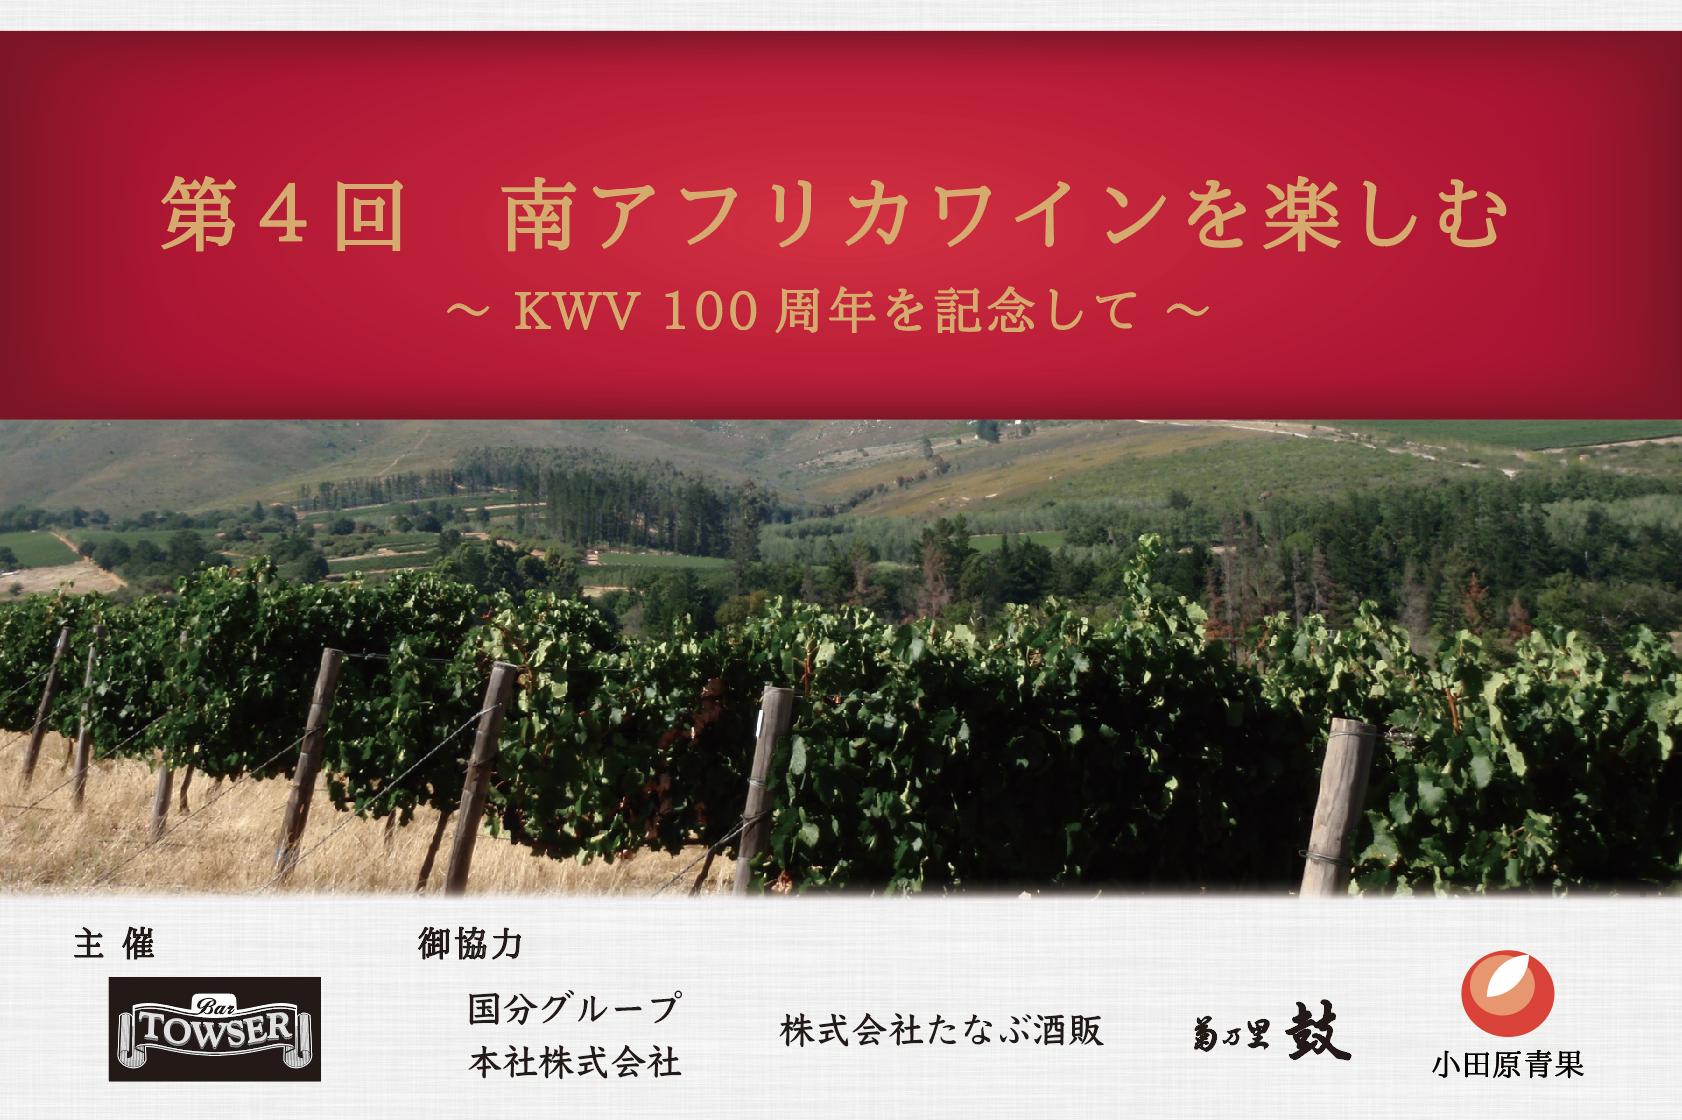 【終了いたしました】『第4回 南アフリカワインを楽しむ』のご案内